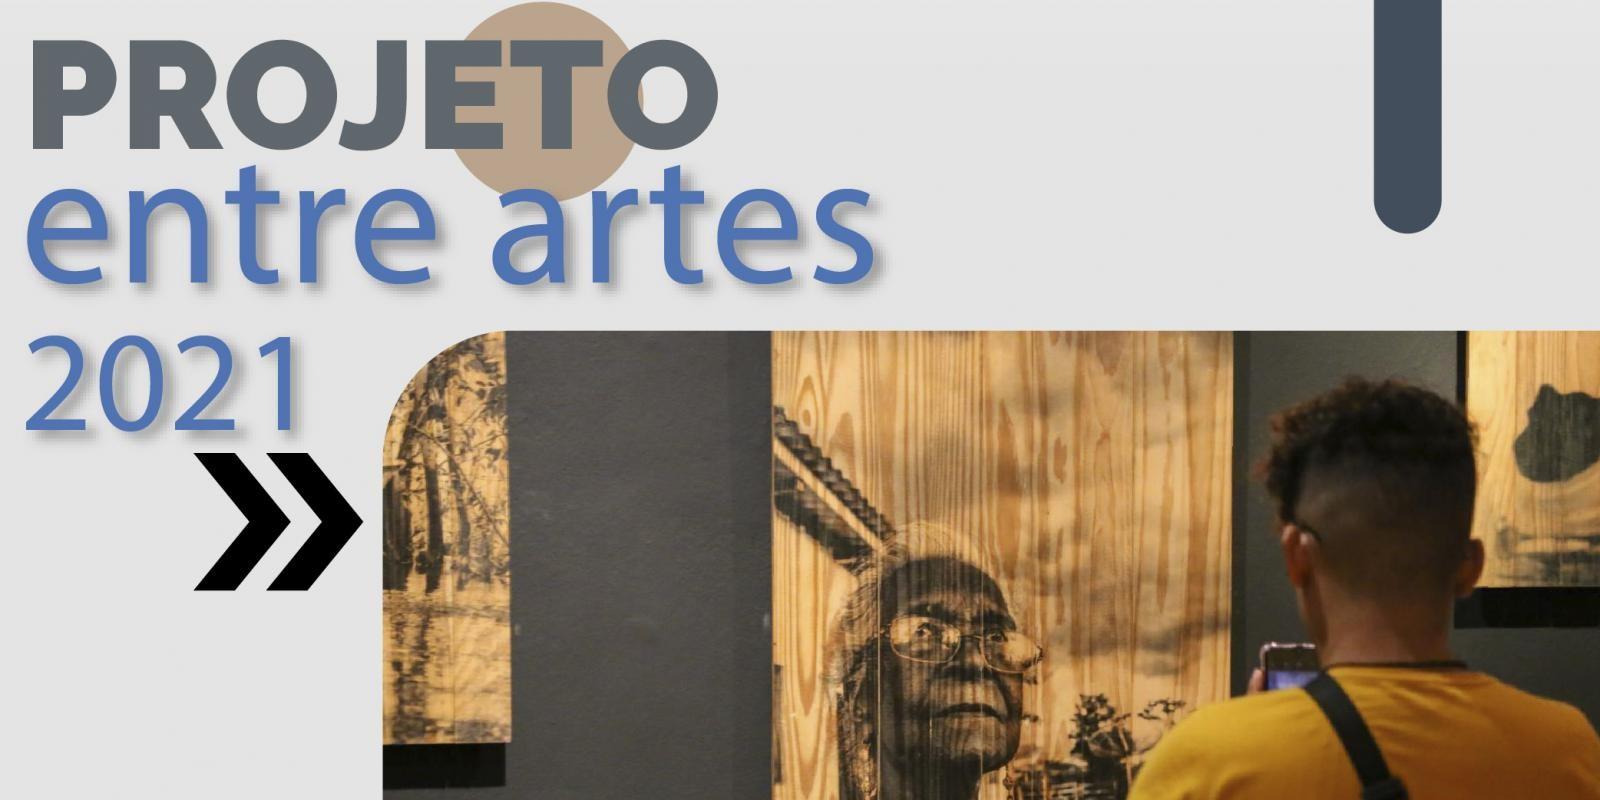 RESULTADO DA SELEÇÃO - Sesc Amapá seleciona artistas visuais de todo o Brasil para compor a programação cultural de 2021